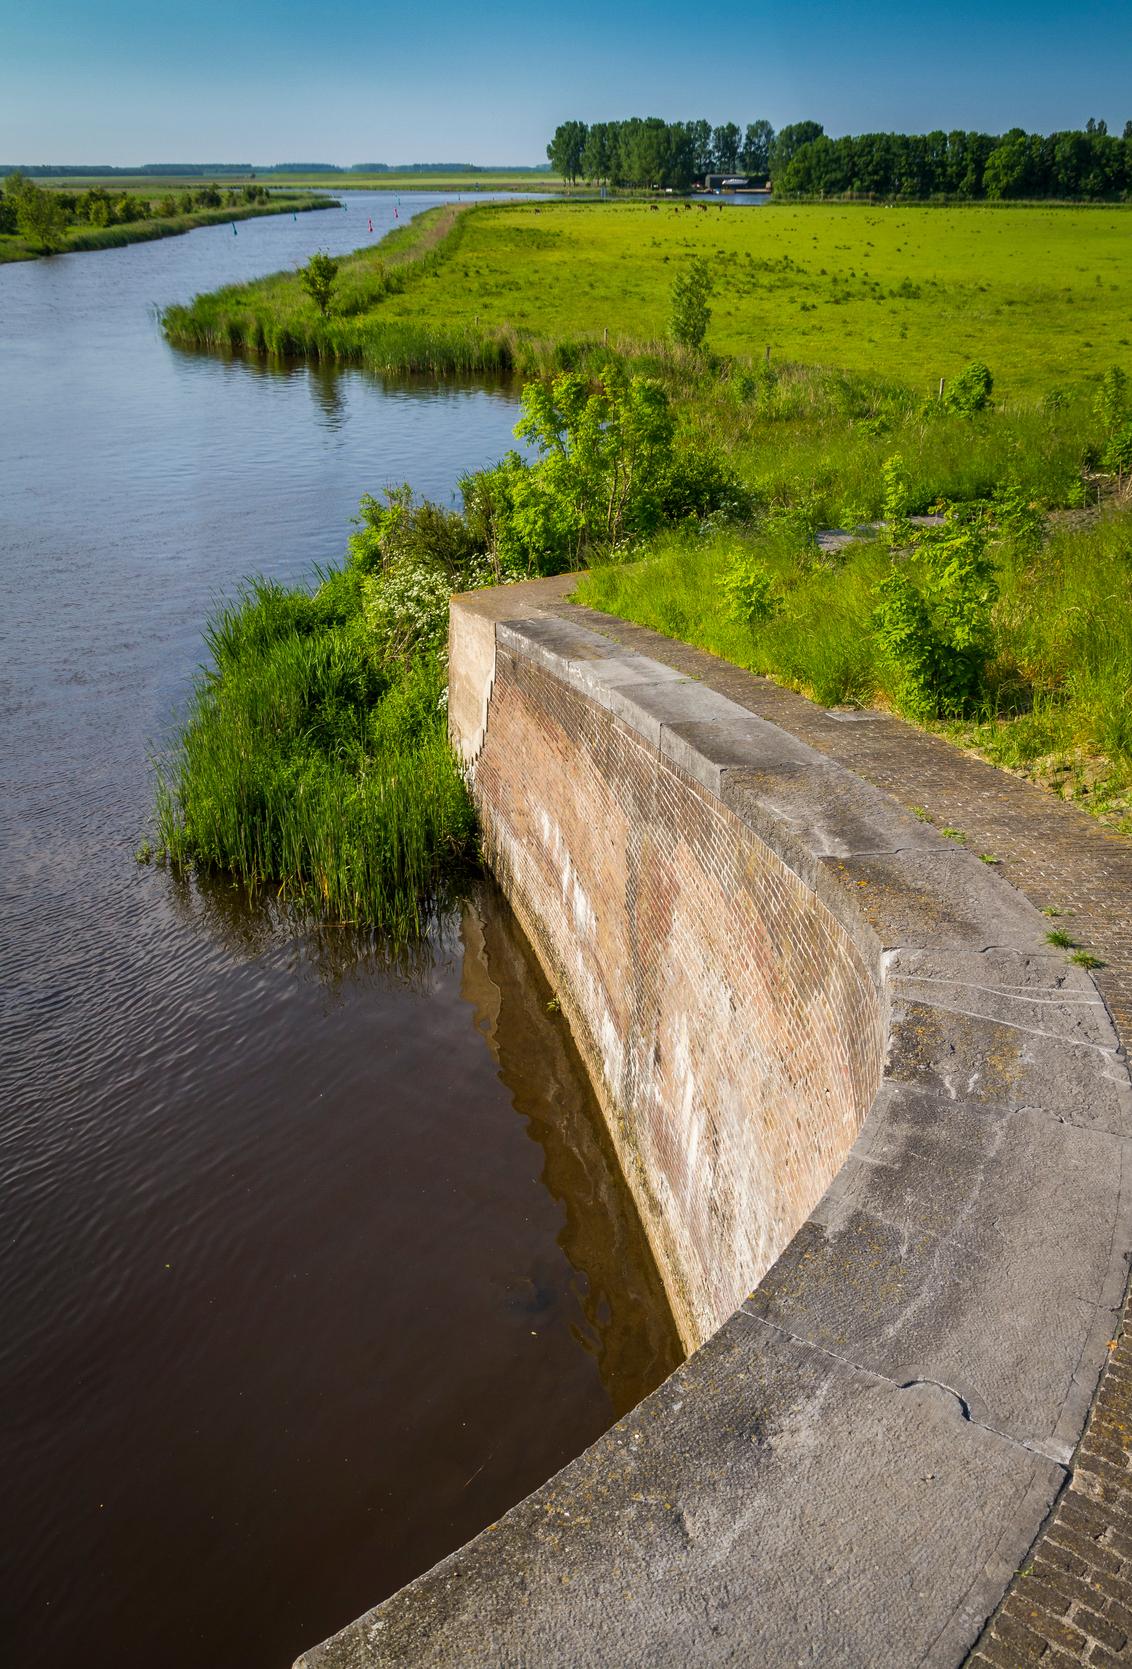 Zoutkamp3 - - - foto door CeesJoppe op 01-06-2018 - deze foto bevat: water, groningen, zoutkamp, Friese sluis